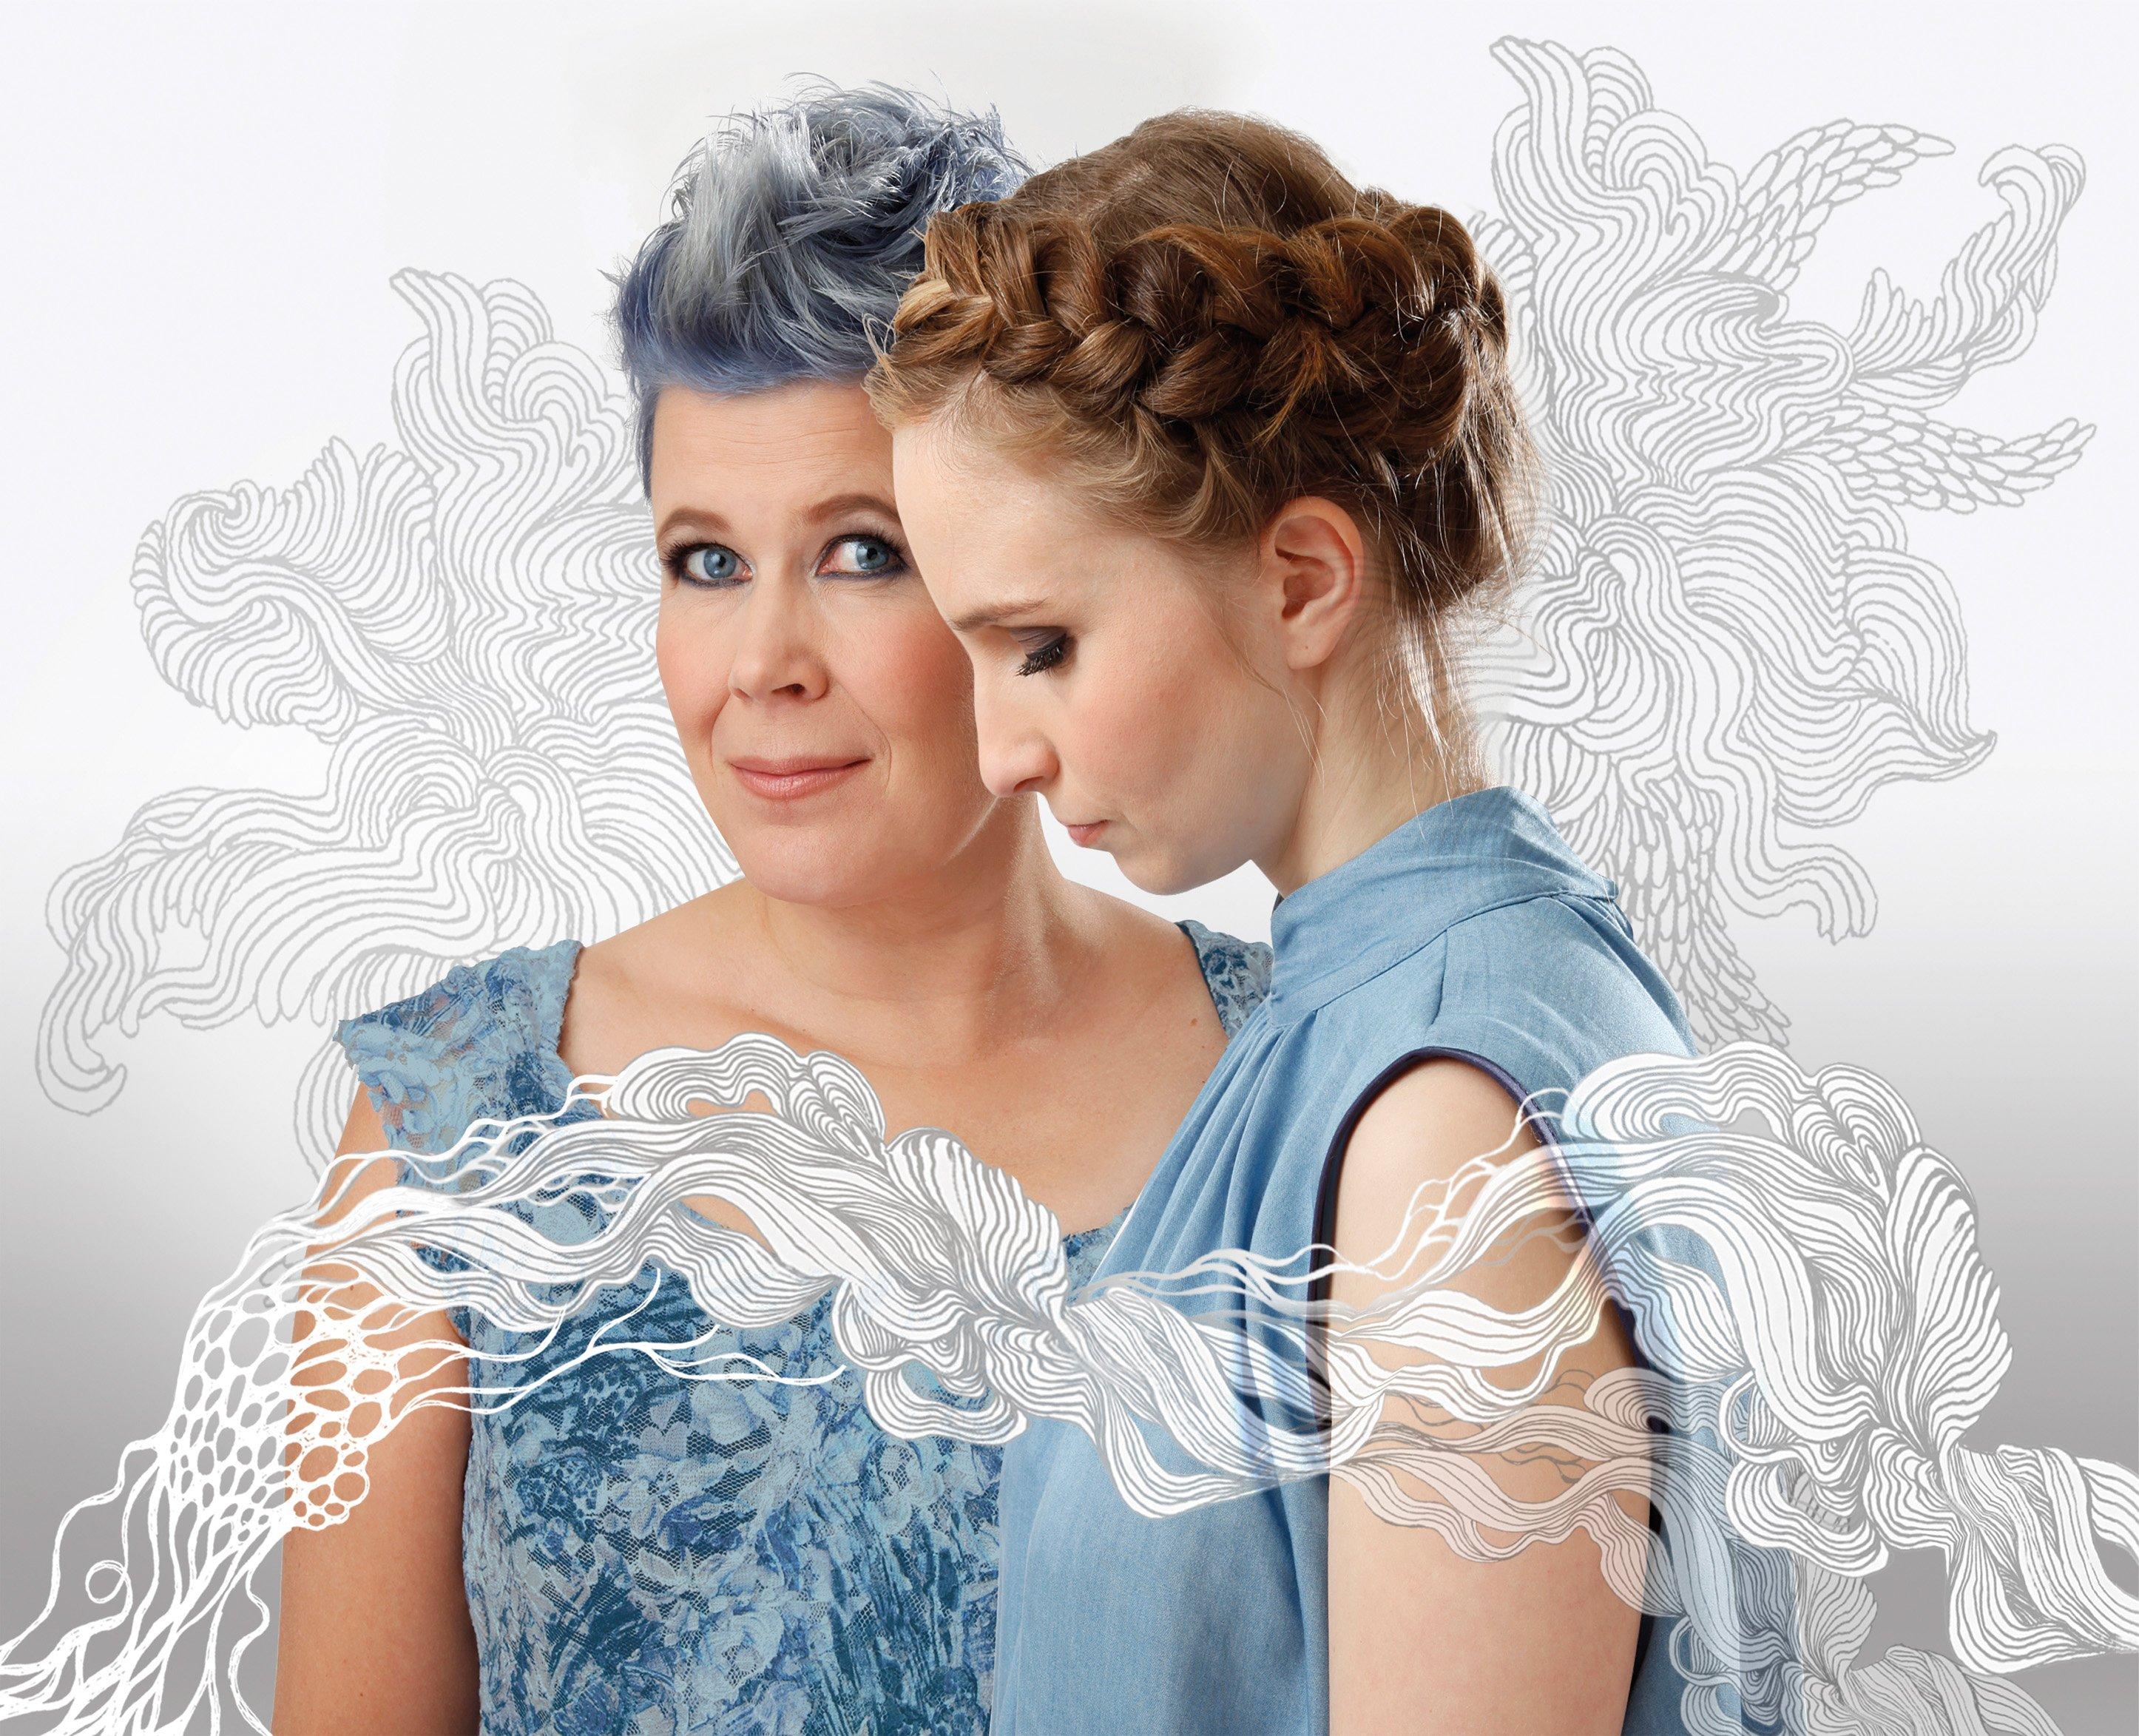 Riikka Timonen & Senni Eskelinen - © Art Revolution